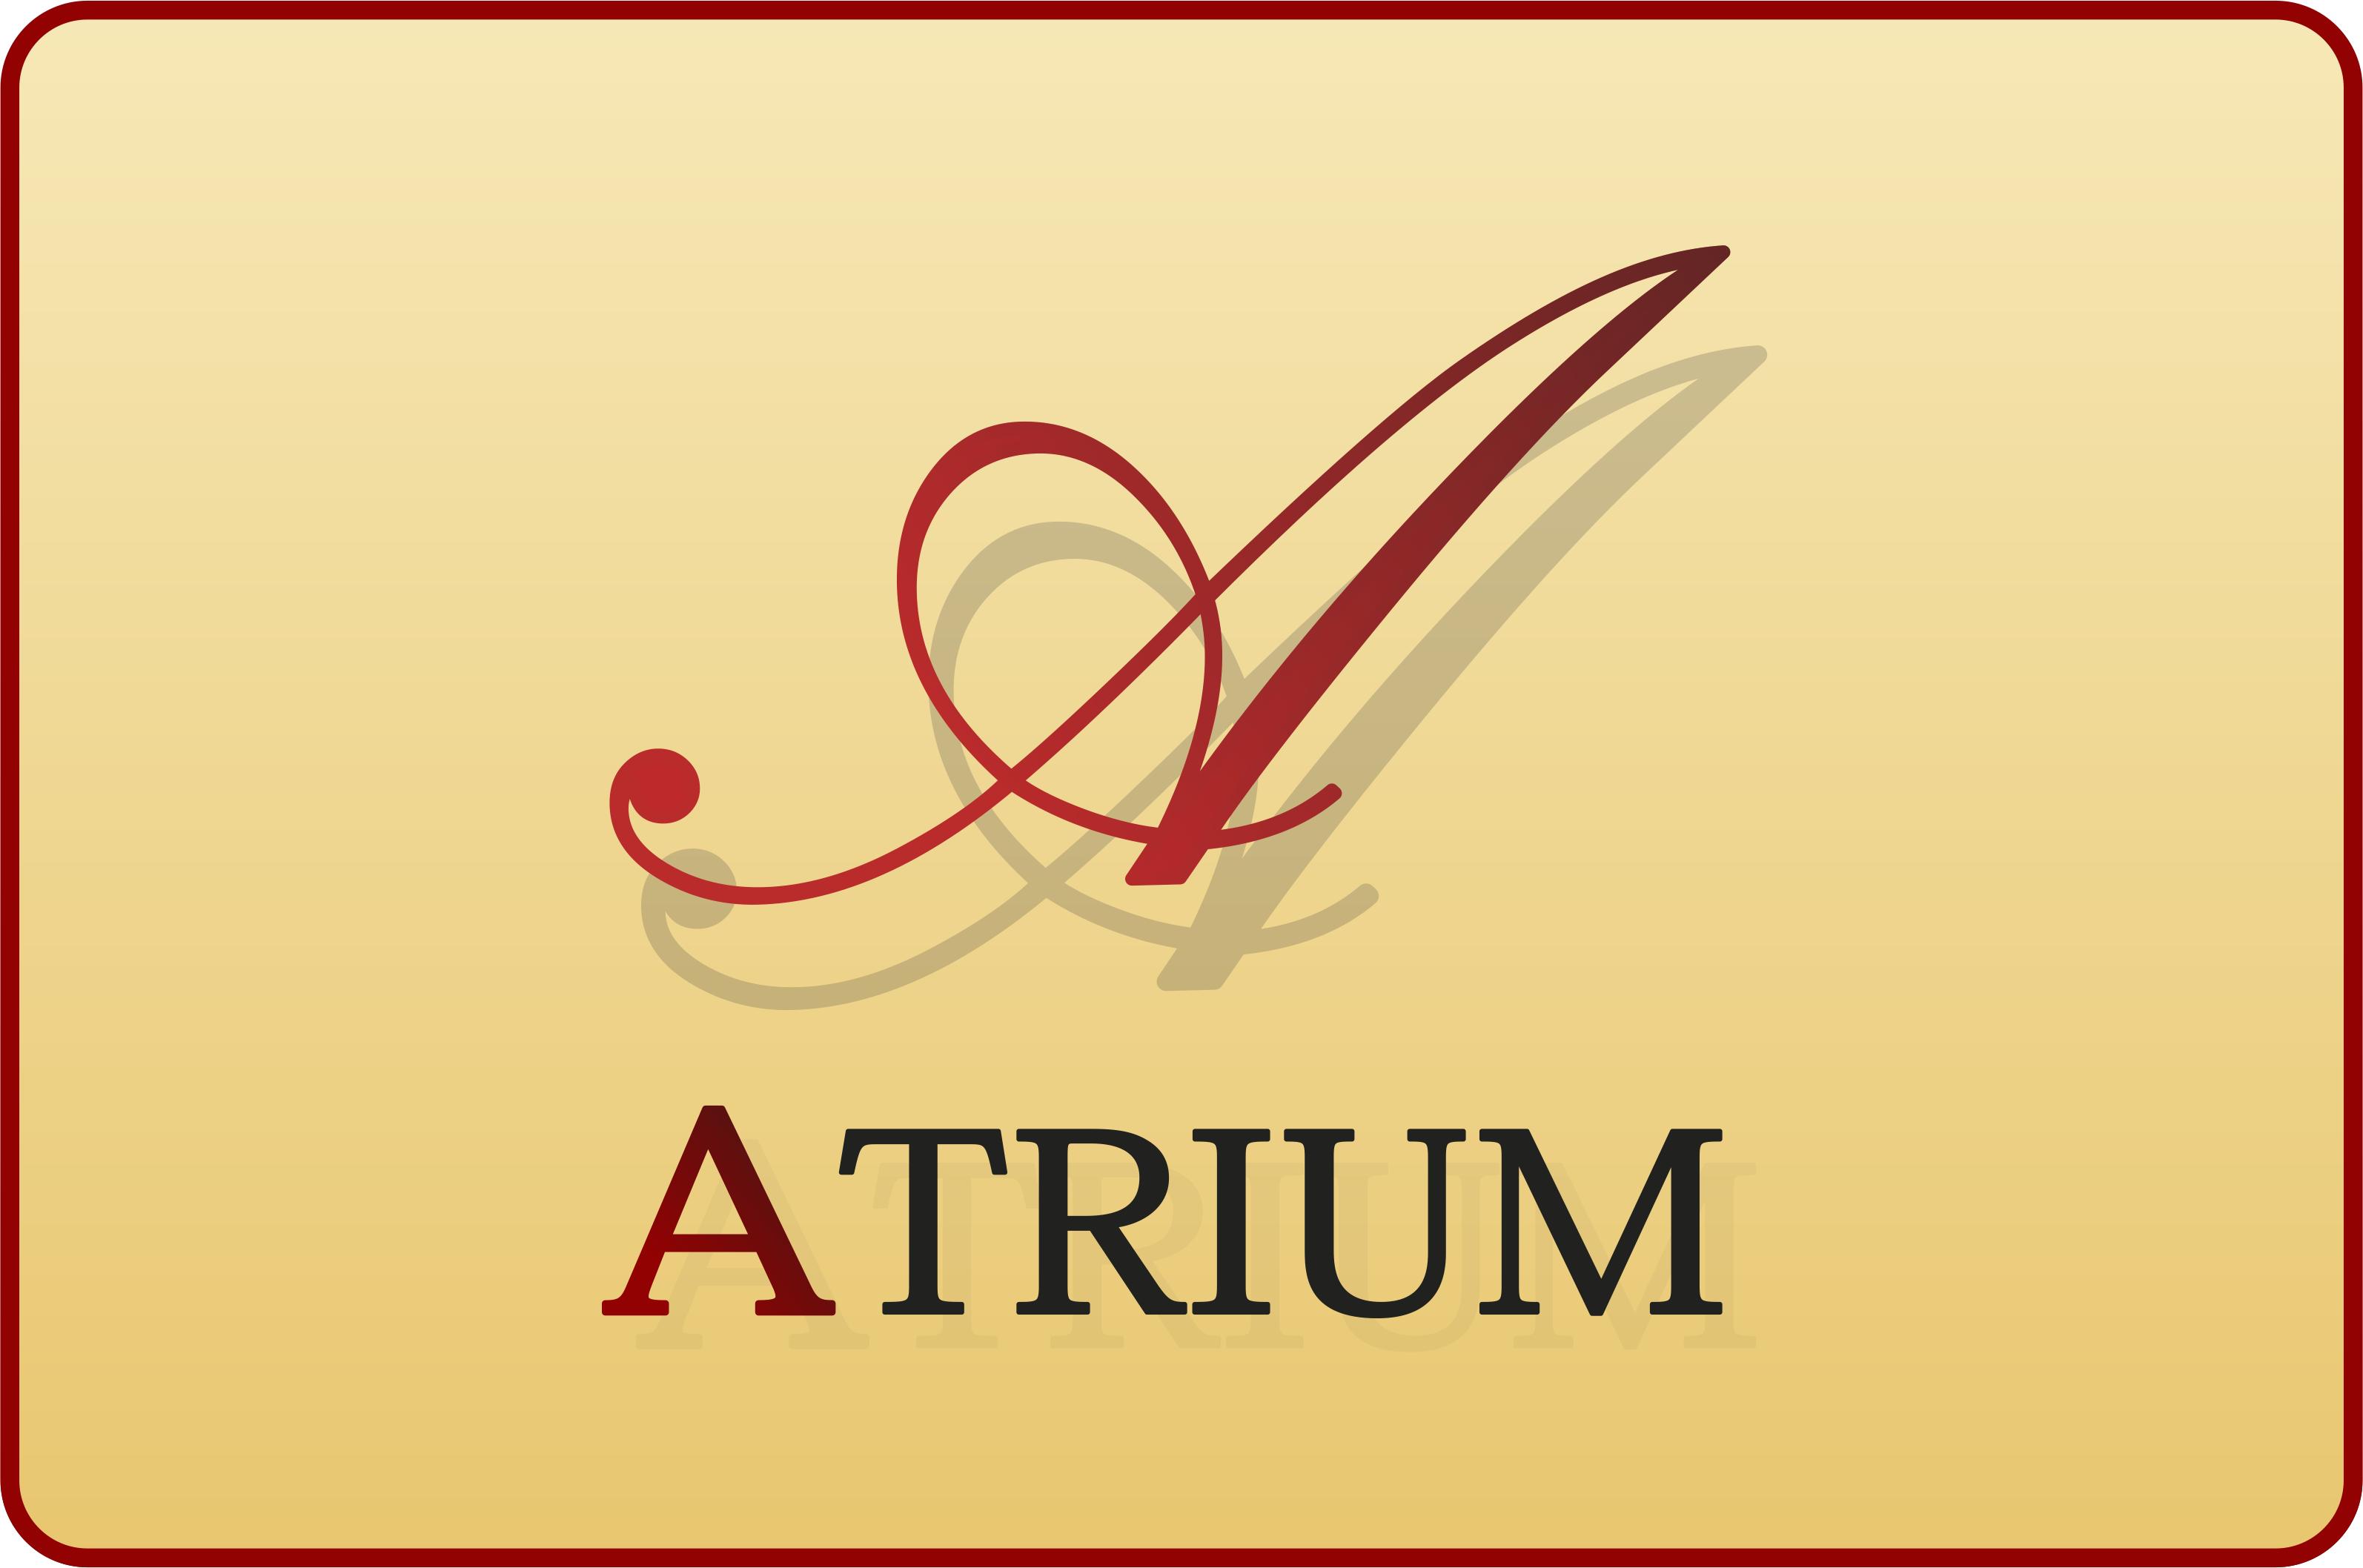 Atrium English